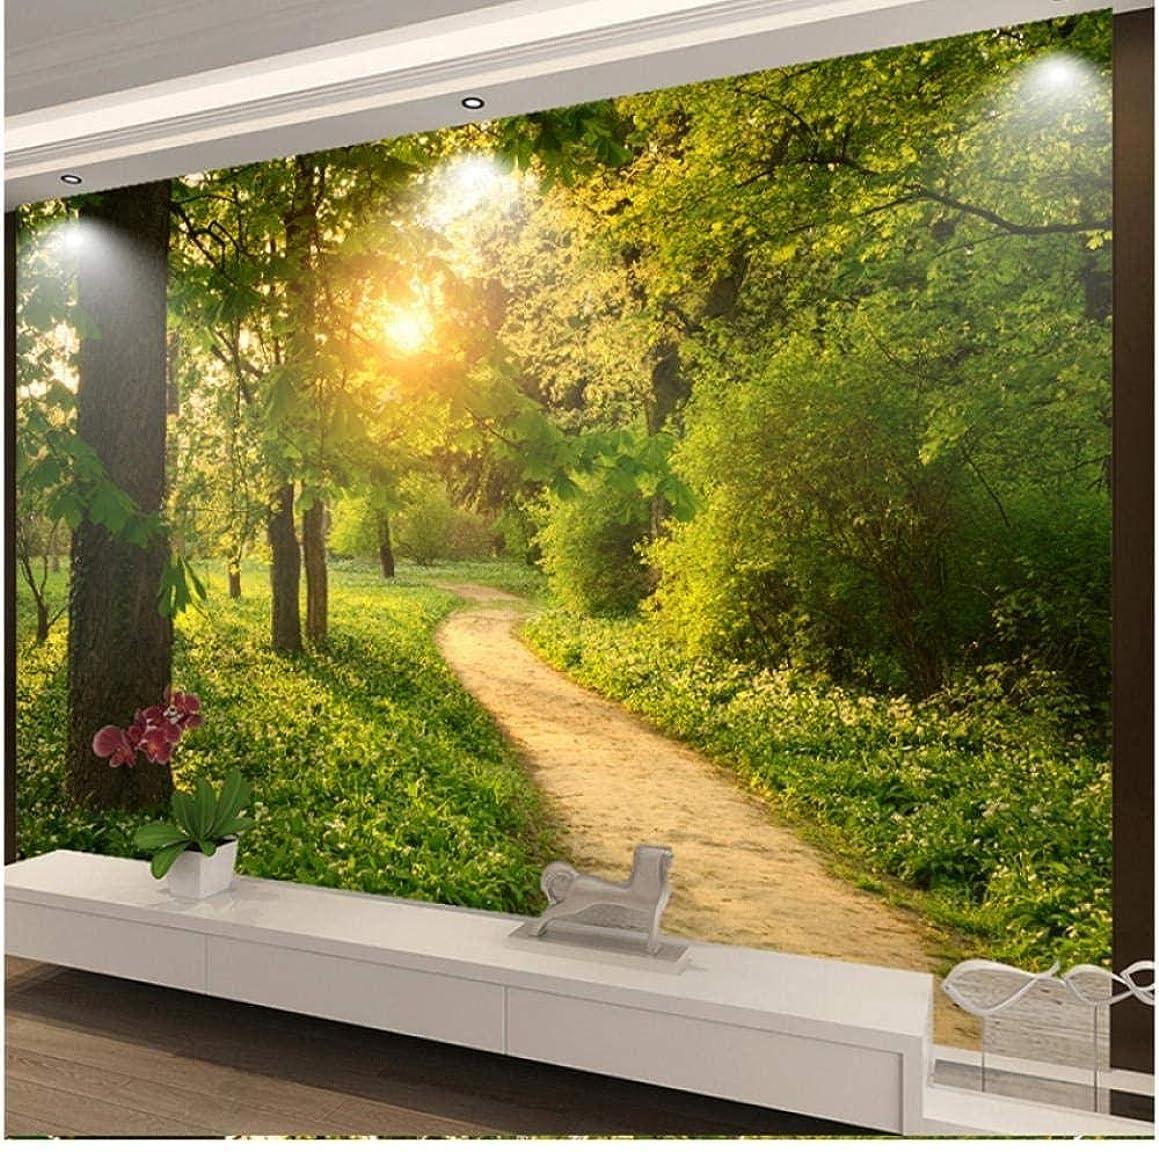 かかわらずバラエティレビューLjunj カスタム写真壁画3D壁紙現代高速道路日の出Hd壁画リビングルームベッドルーム家の装飾-200X140Cm